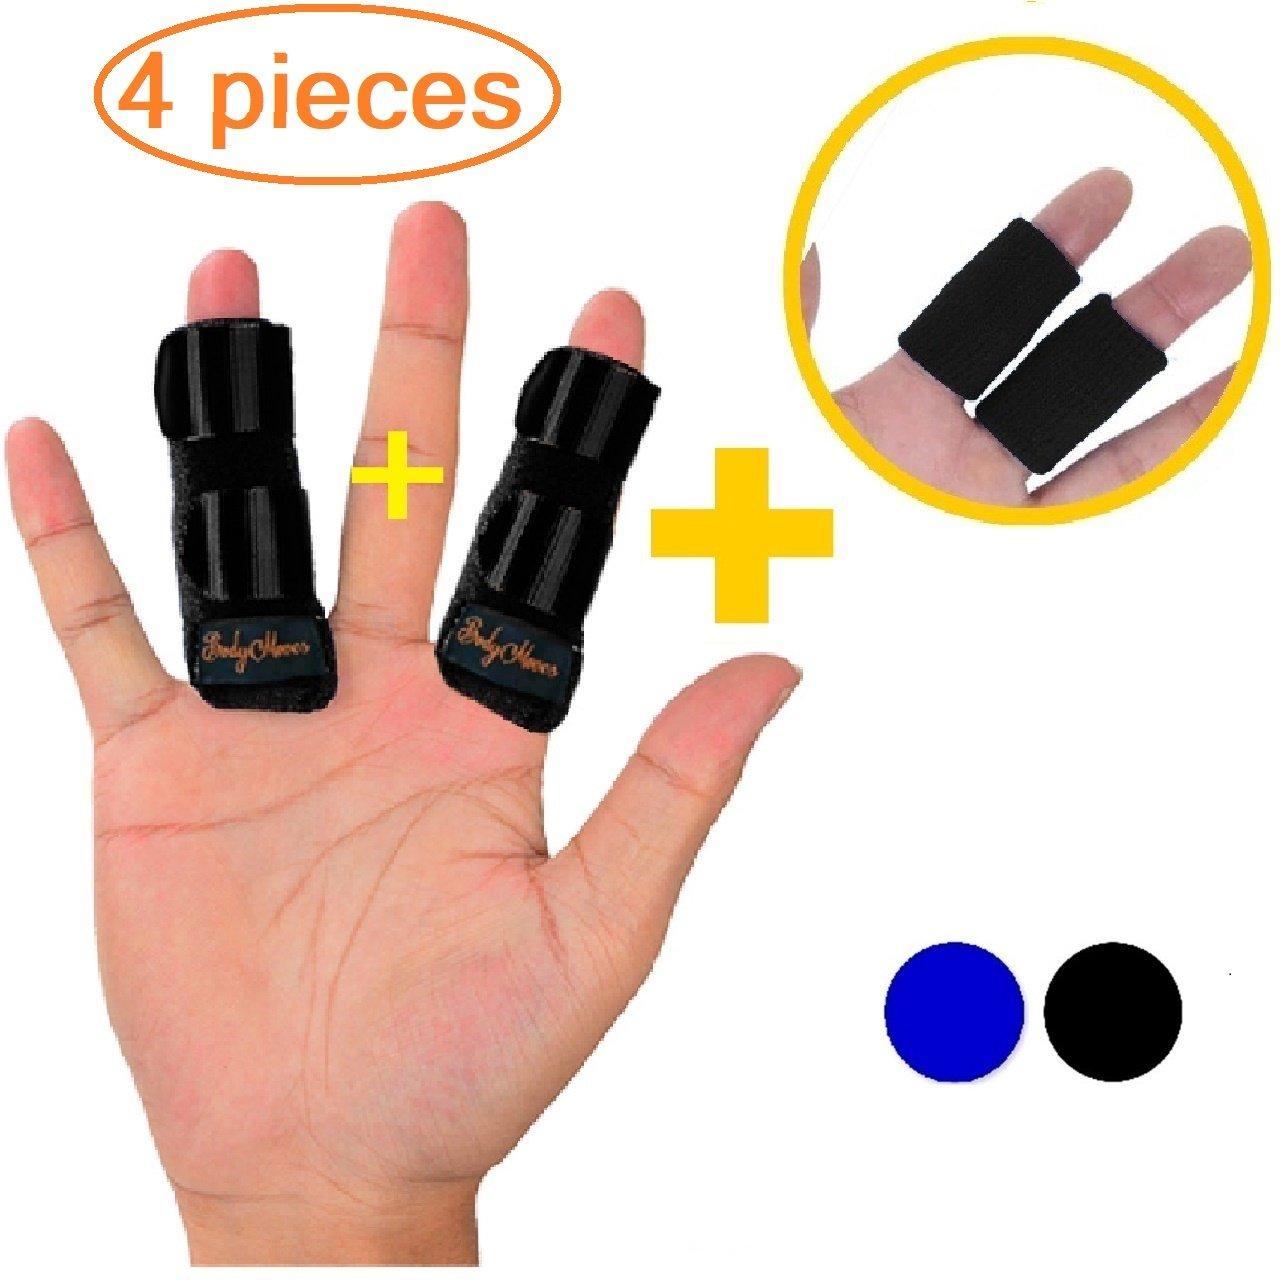 BodyMoves Finger splints Plus 2 Nylon Sleeves for Trigger Finger Mallet Finger Broken Finger Rheumatoid Arthritis Post Operative Care (Midnight Black)